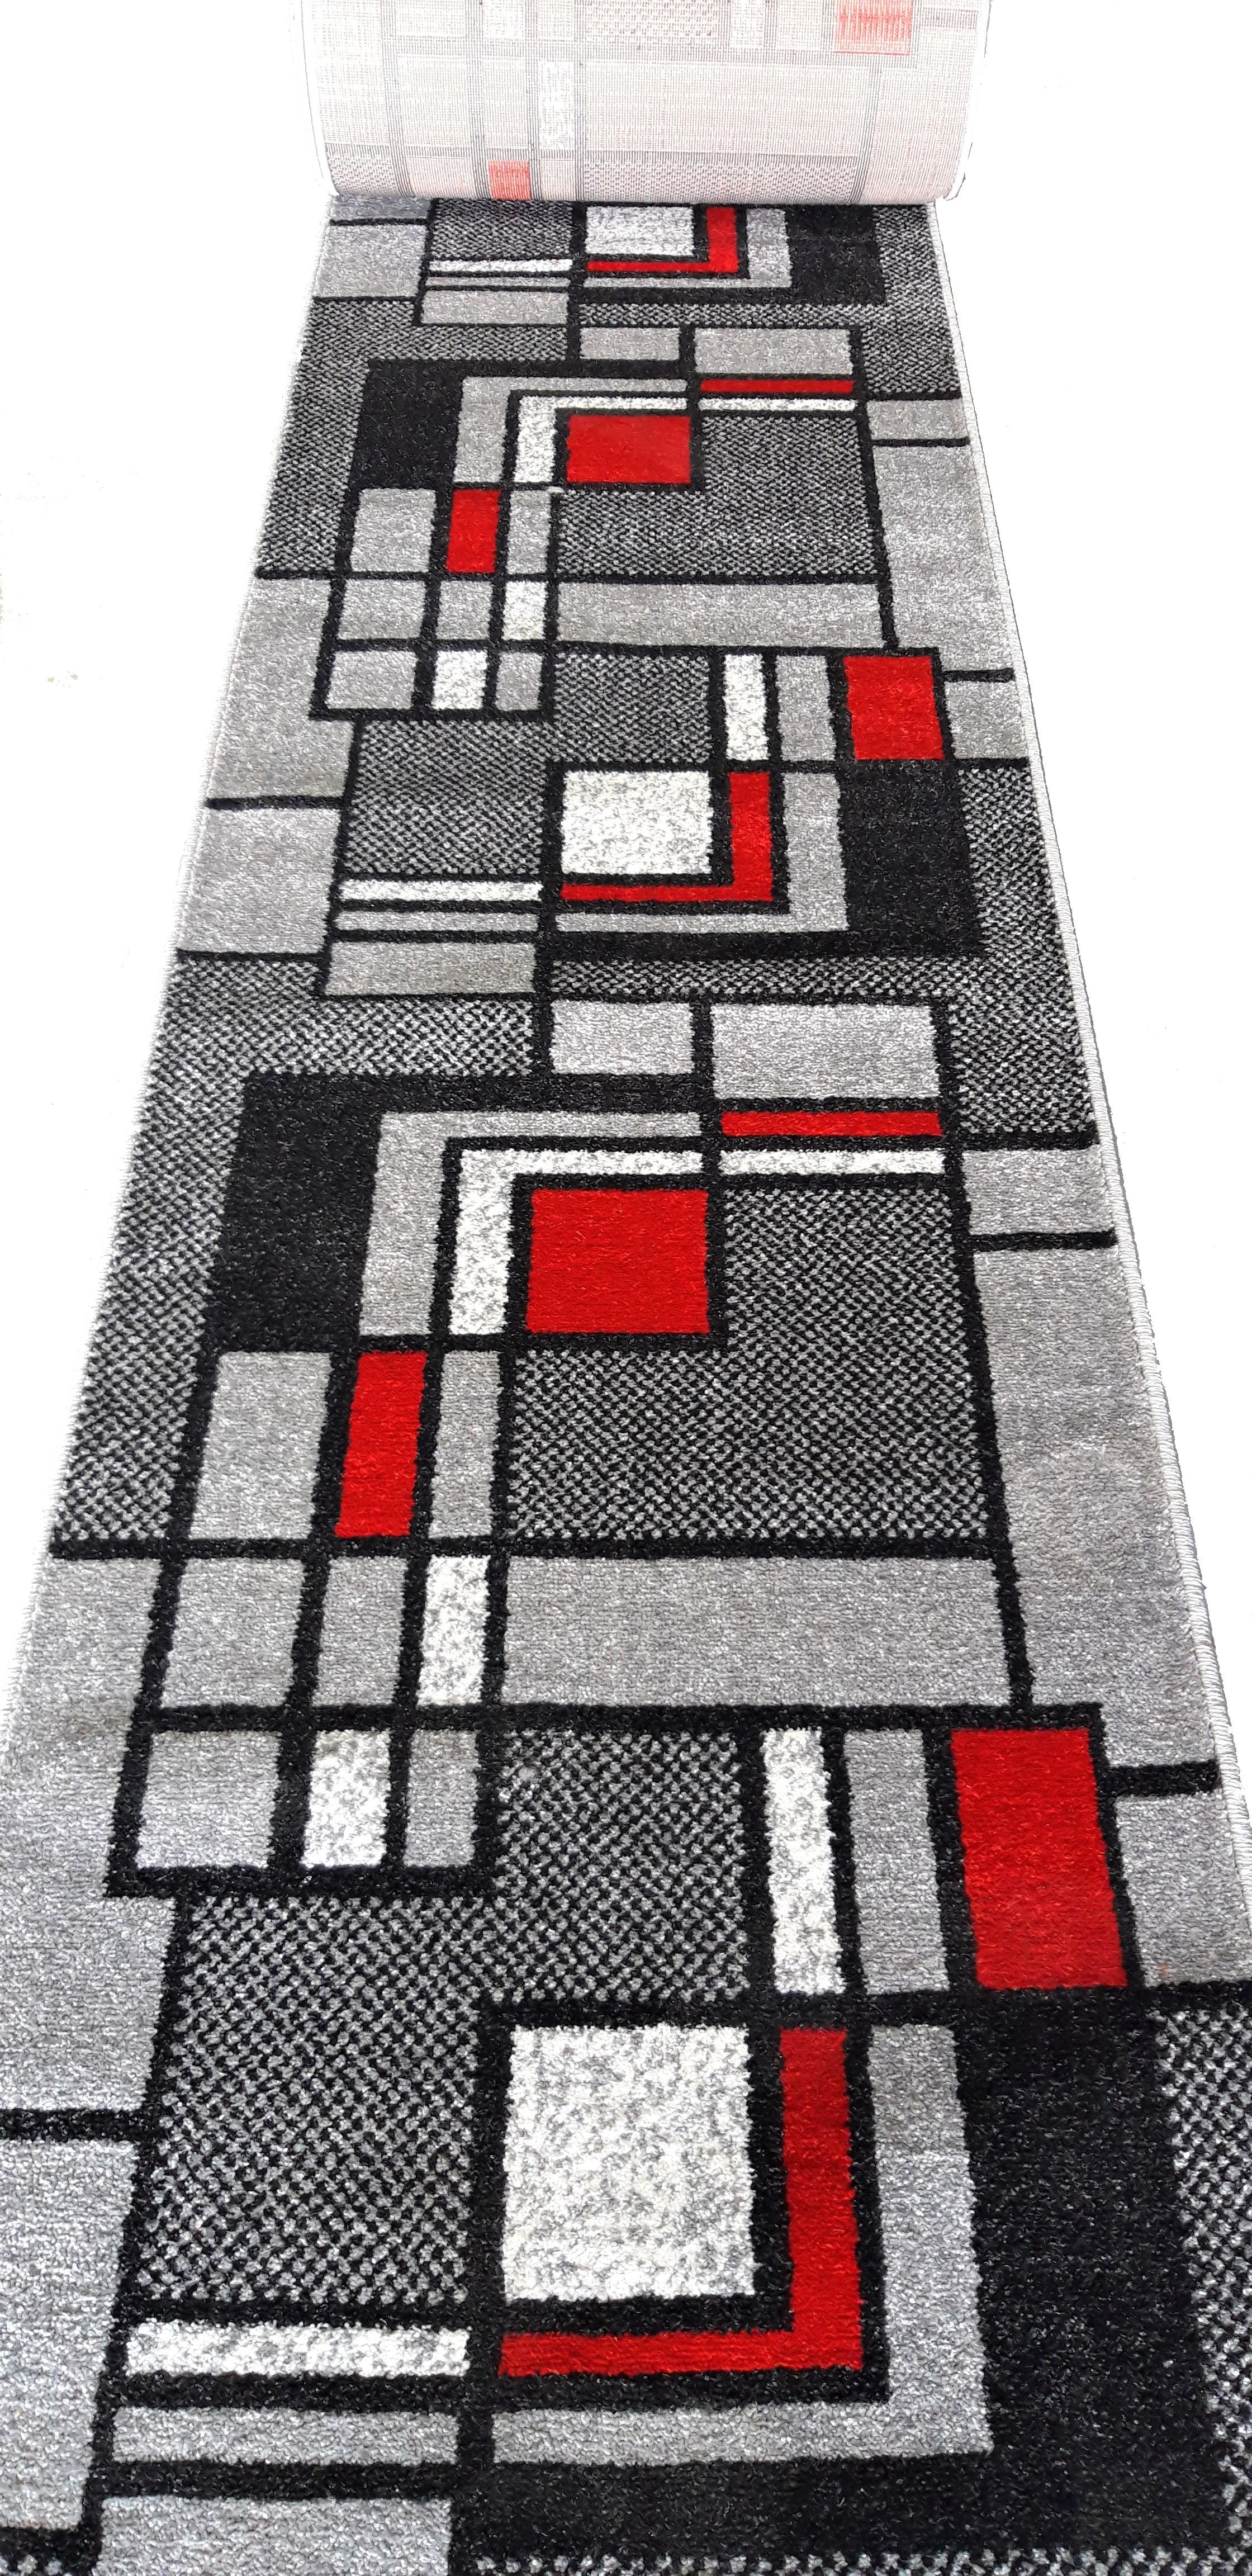 Traversa Covor, Cappuccino 16406, Multicolor, 80x1000 cm, 1700 gr/mp, 0.8x10 m. 1